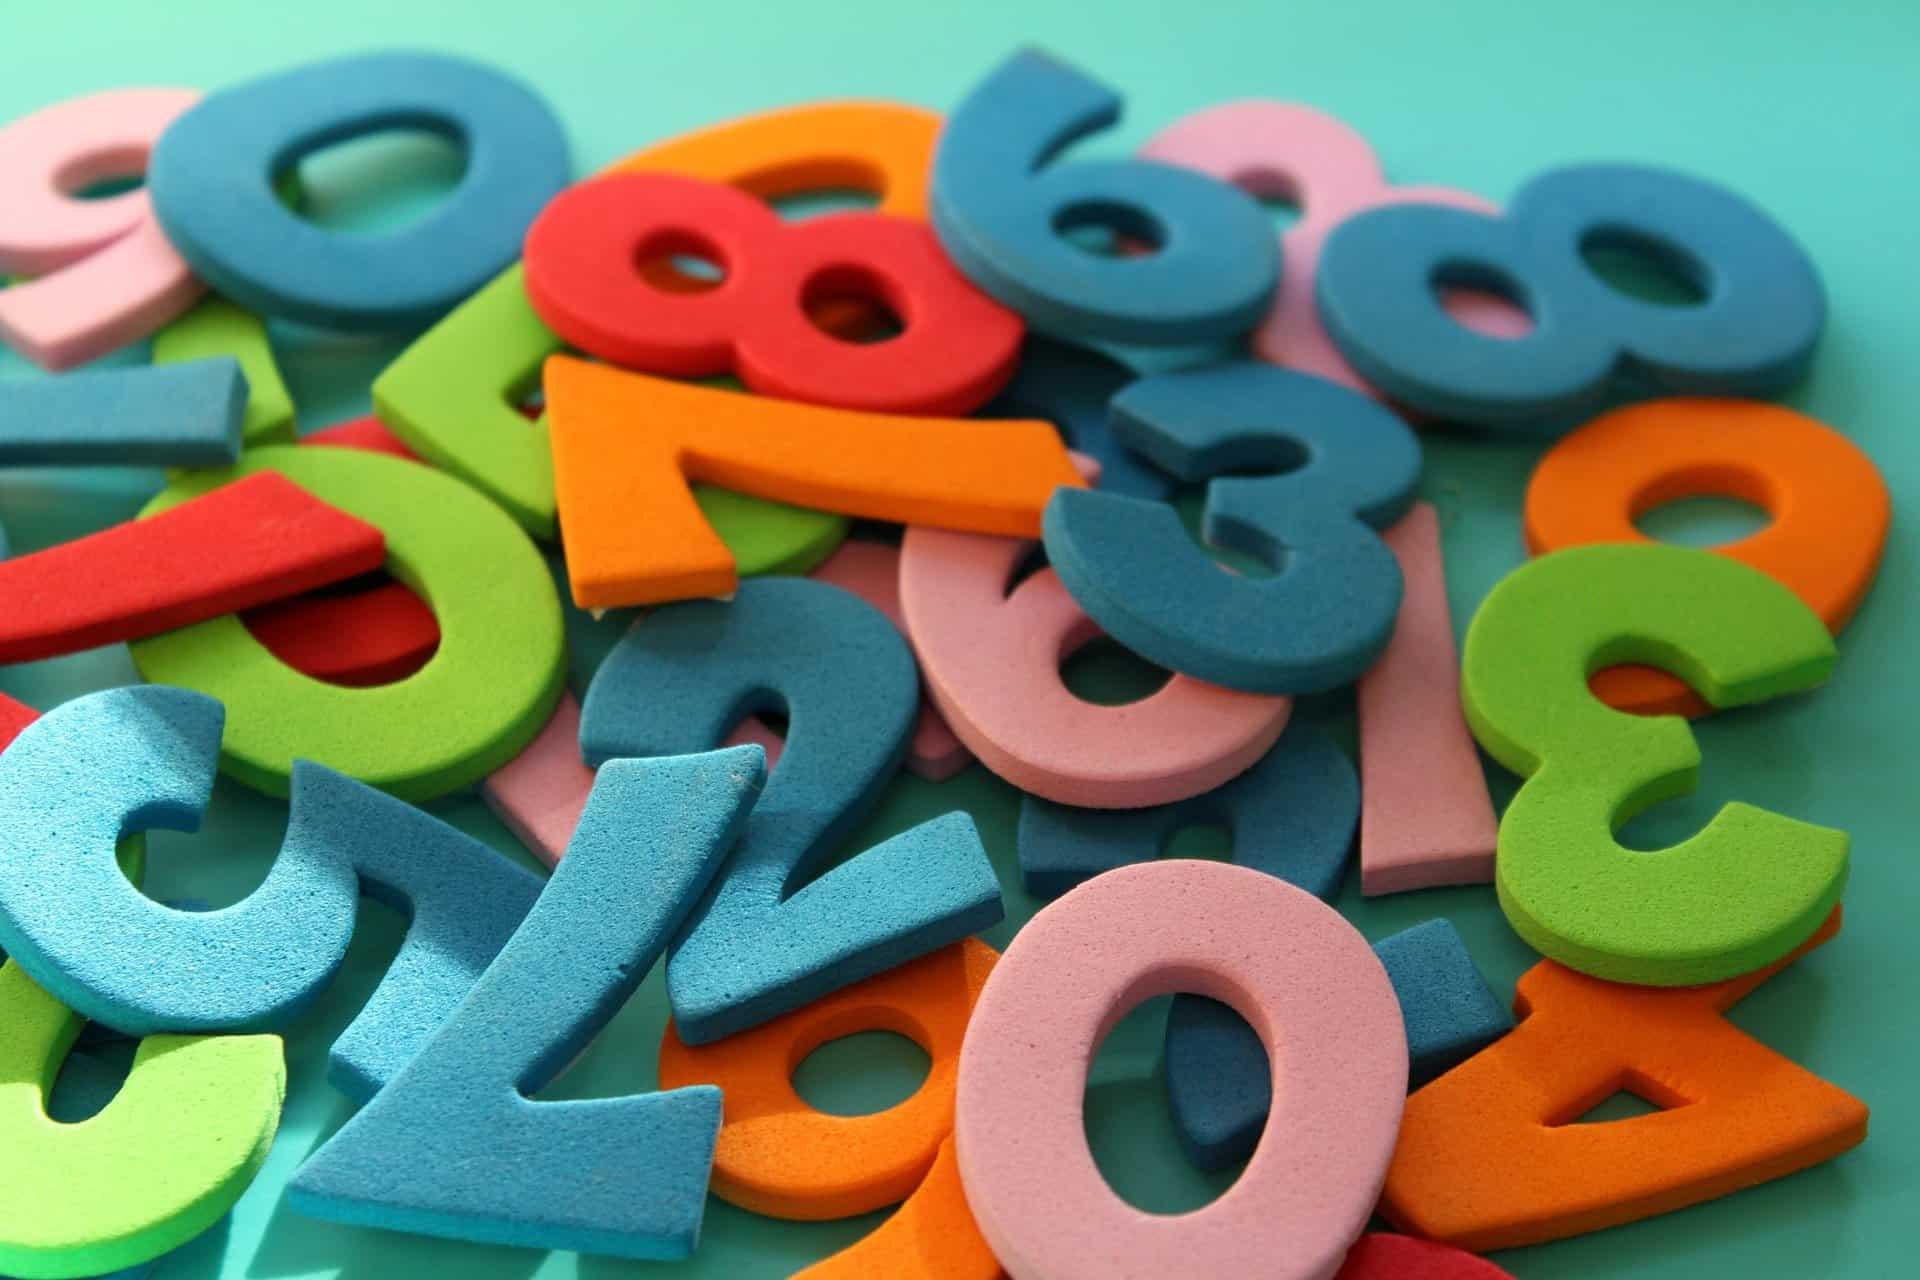 C# Validar si un string es un número